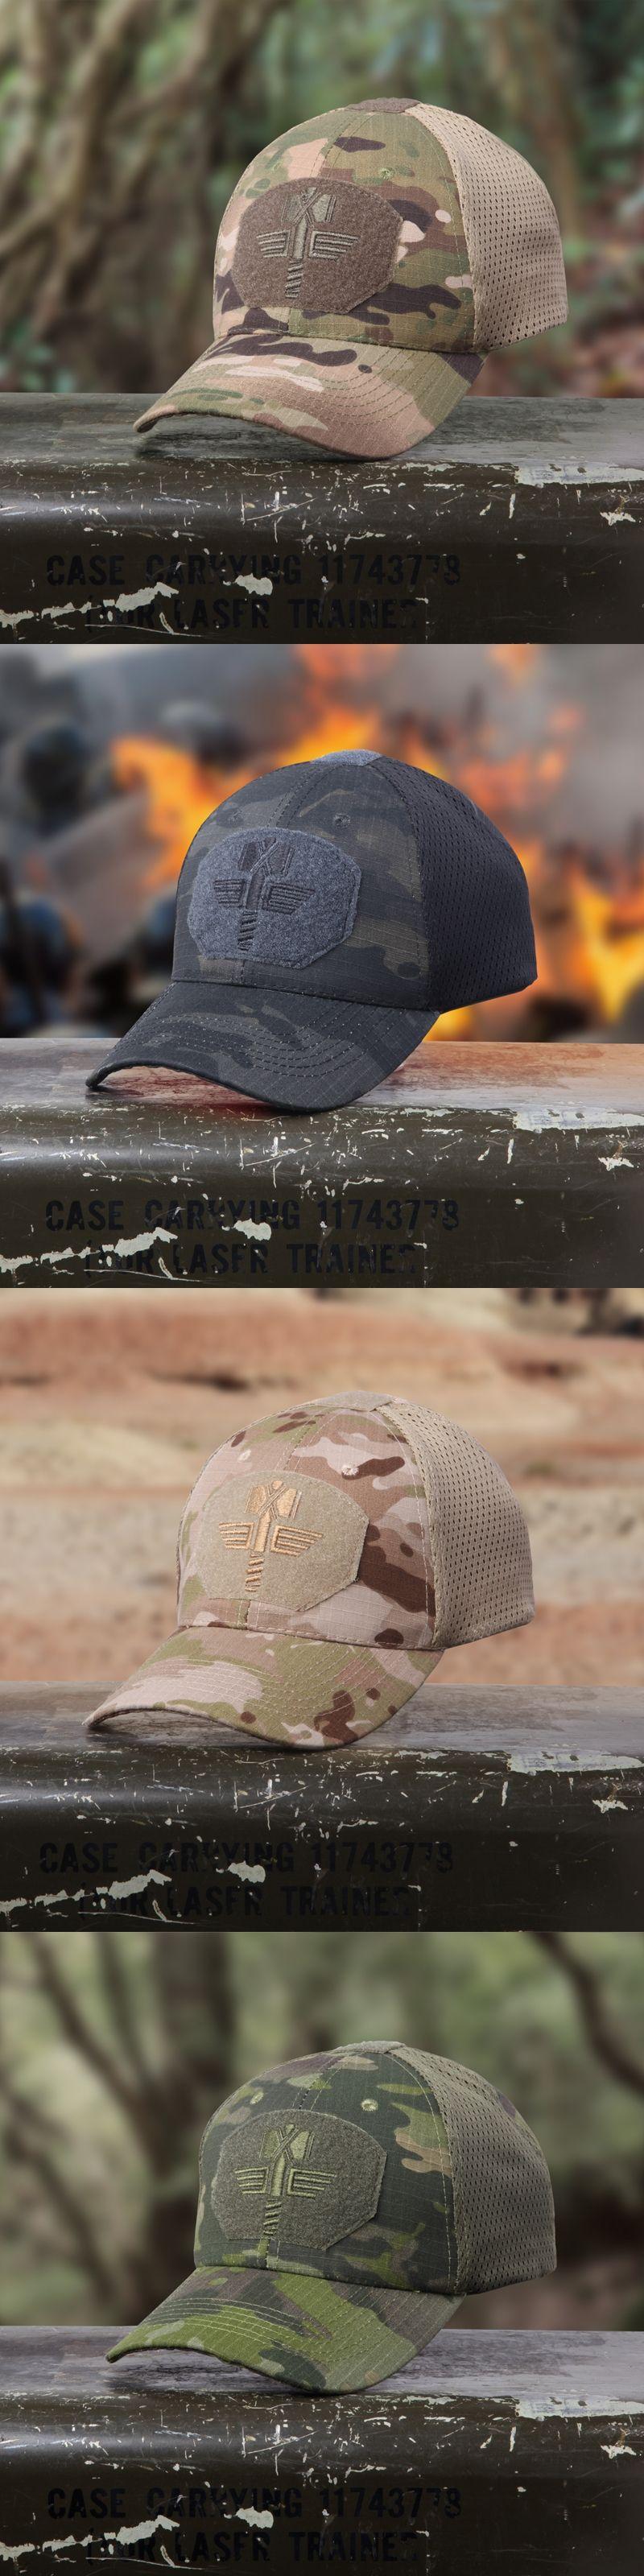 23189751951c3 Multicam Arid Tactical Baseball Cap MCA 100% Mesh 65 35 ripstop material  baseball hat